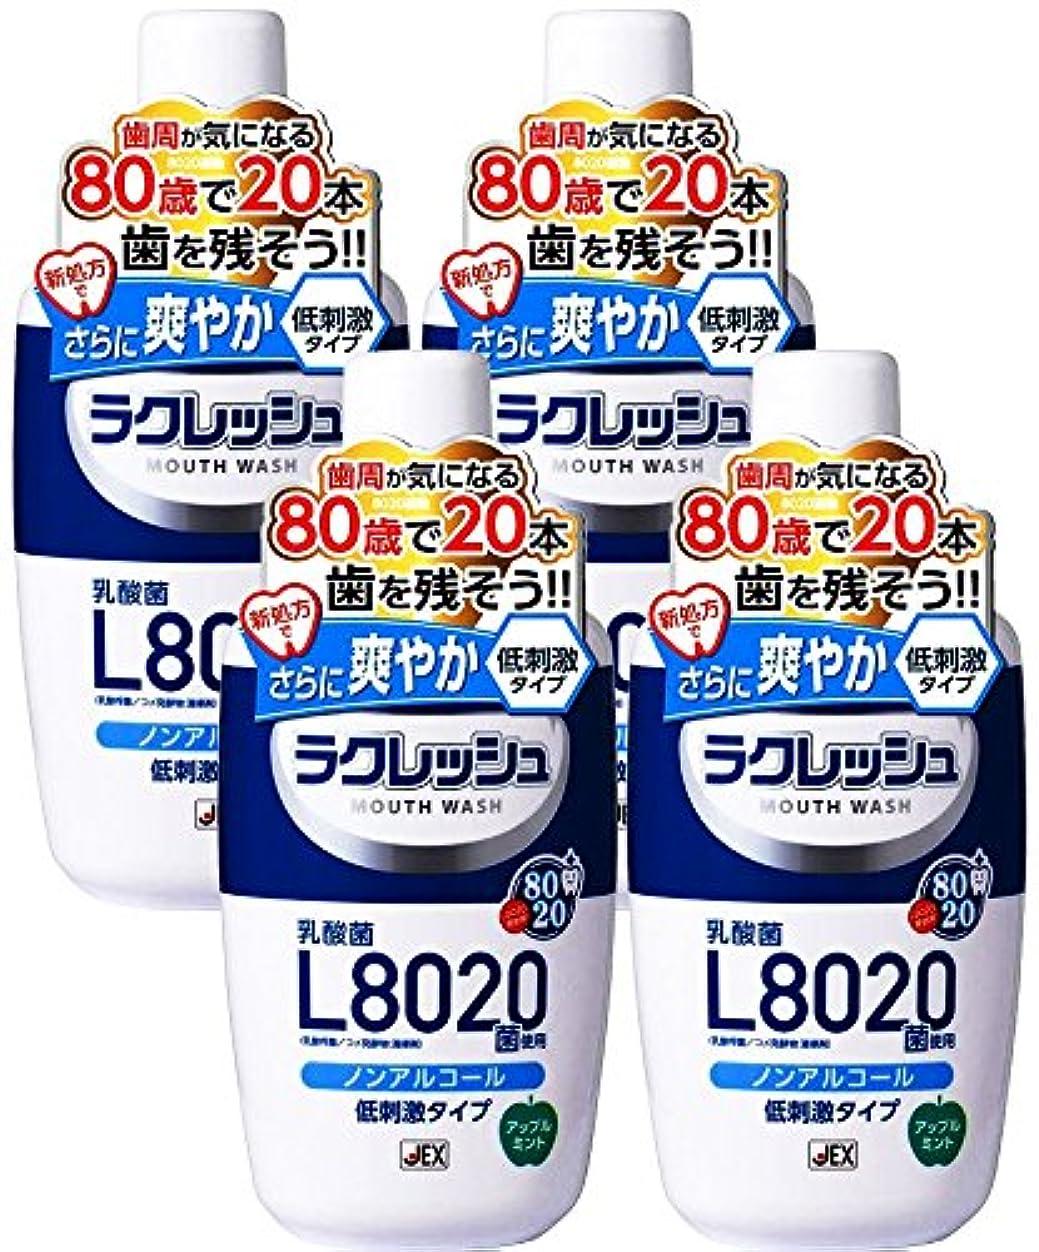 すみません文芸上【4個セット】ラクレッシュ L8020菌 マウスウォッシュ